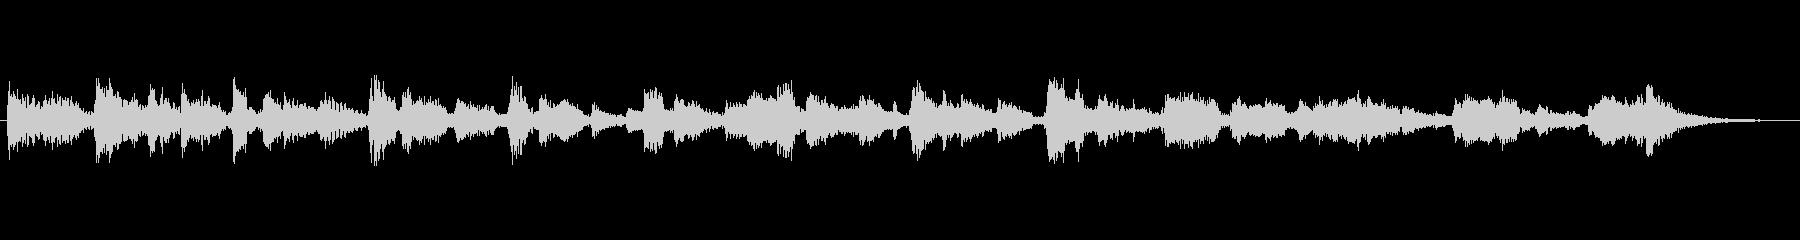 ハミングで生演奏のボサノヴァの未再生の波形